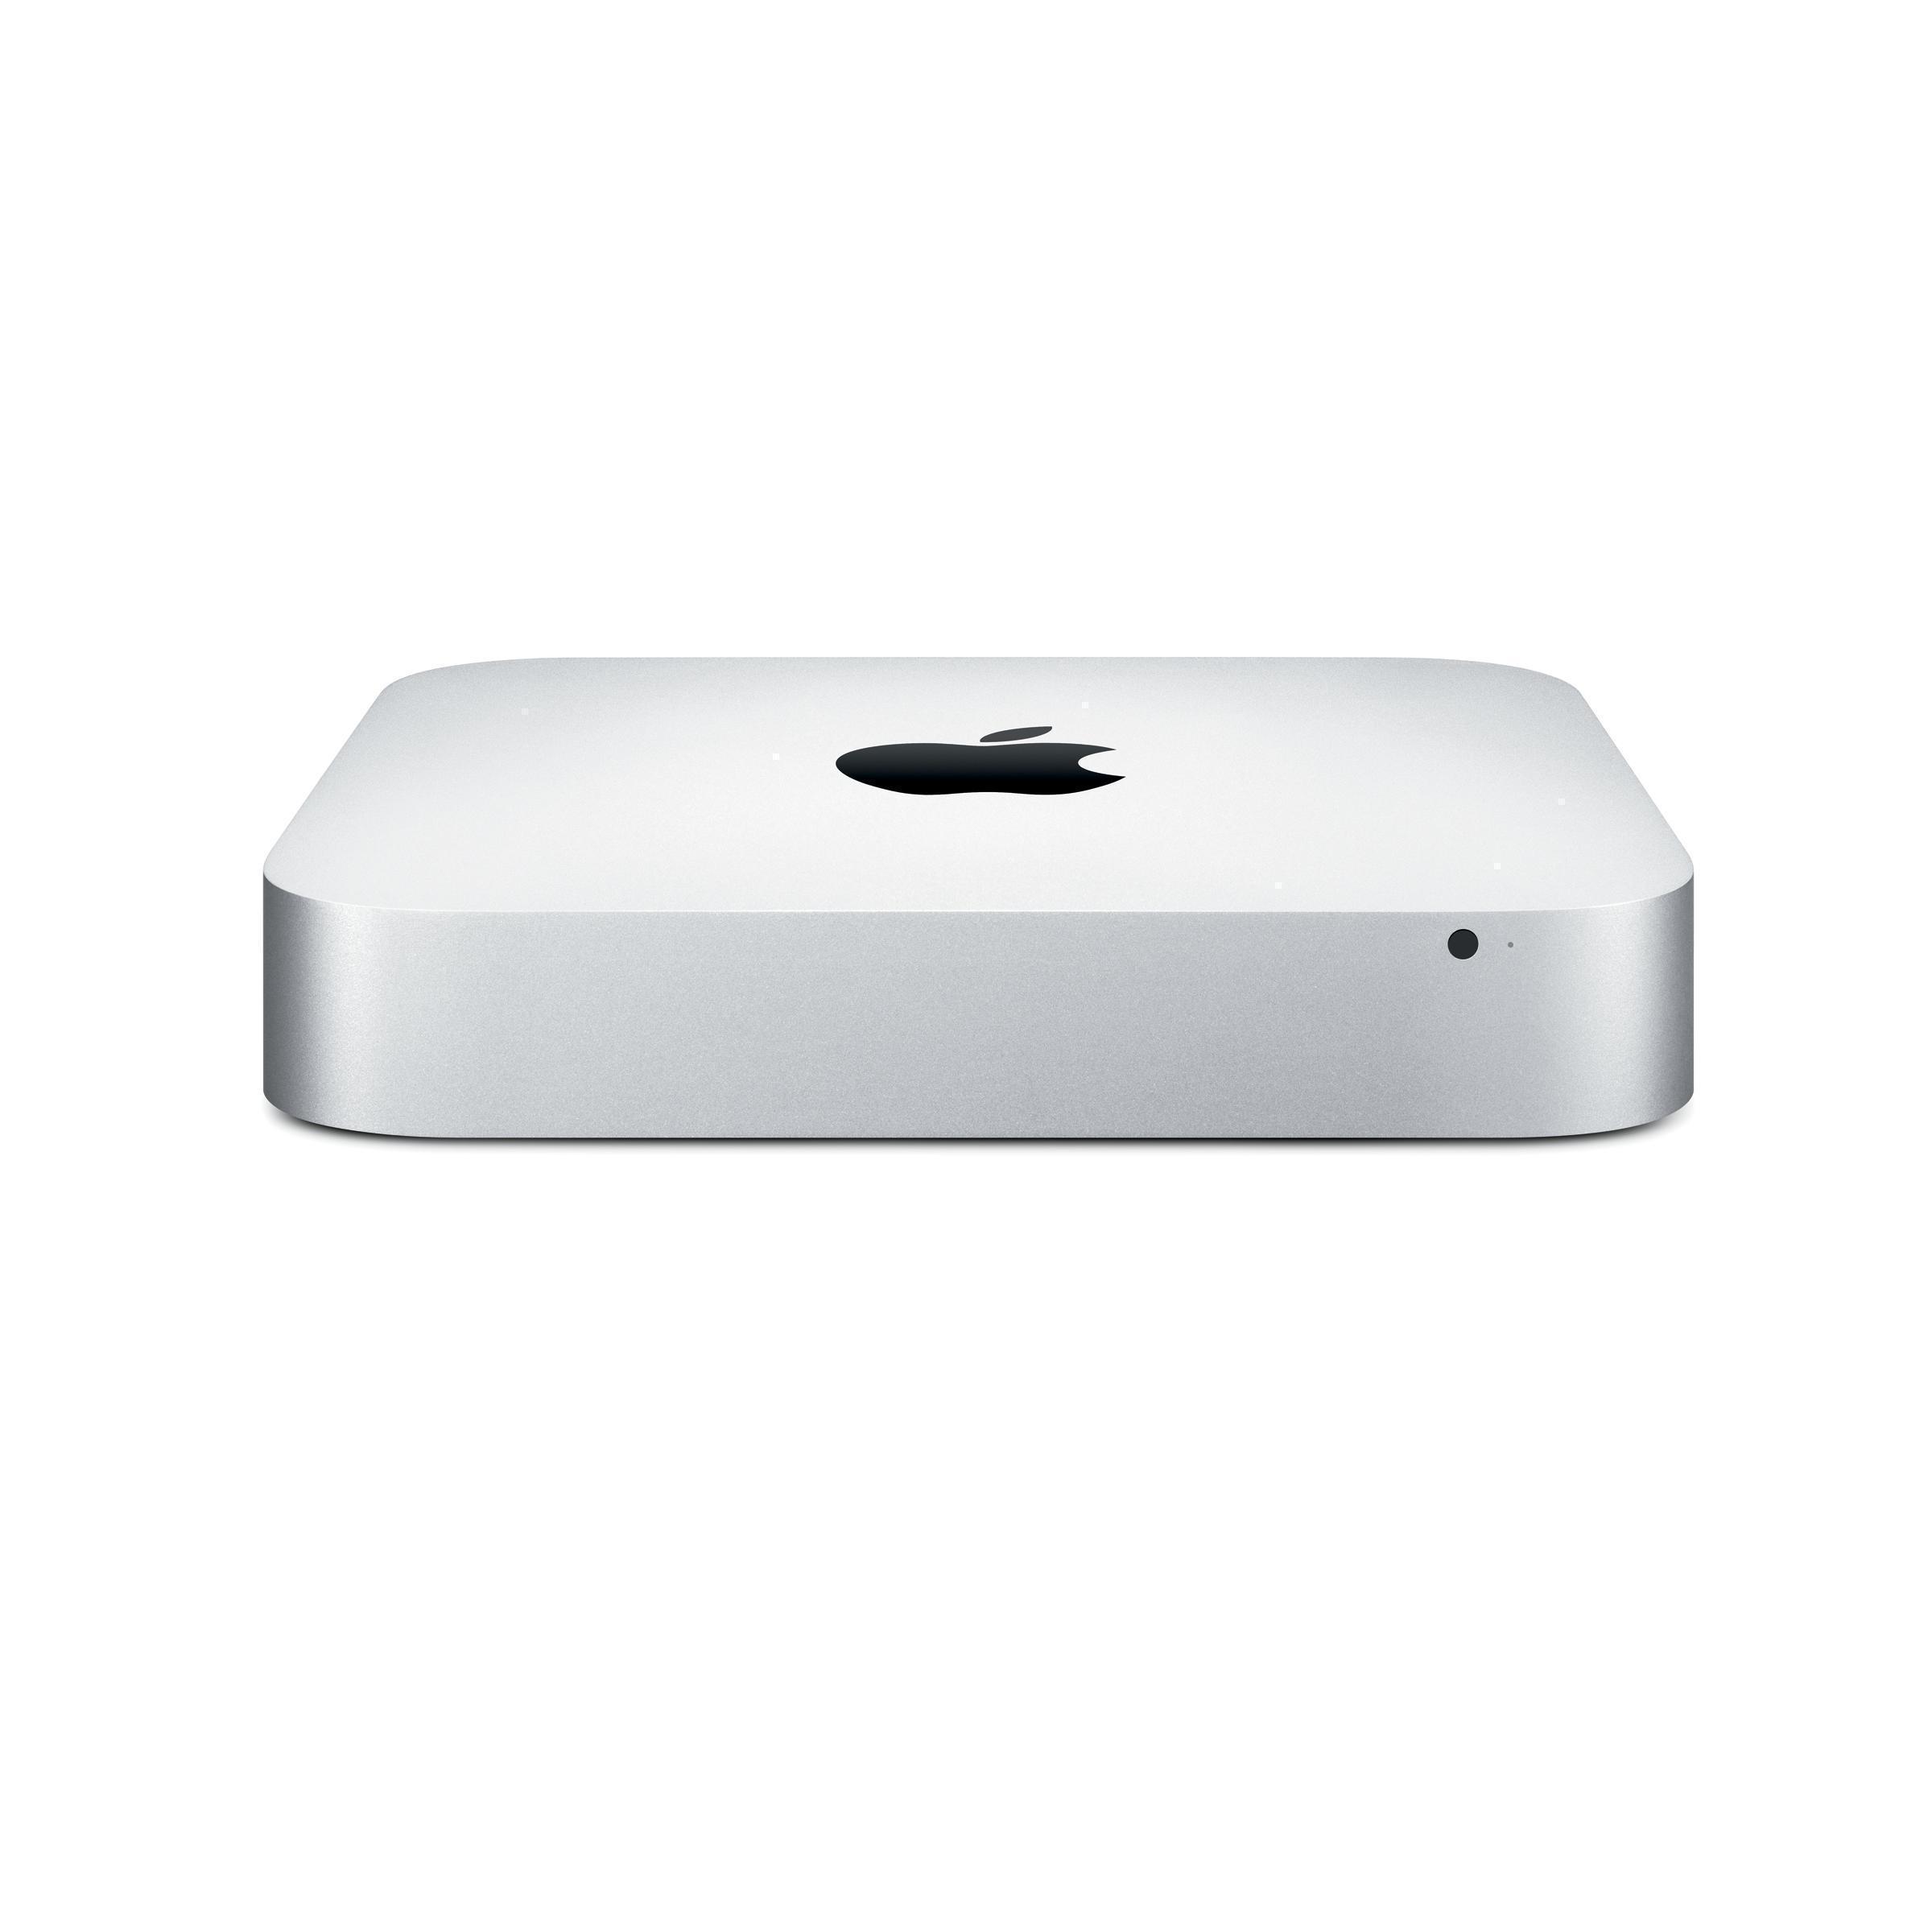 Mac Mini (2012) Core i5 2.5GHz 16GB RAM 500GB SSD